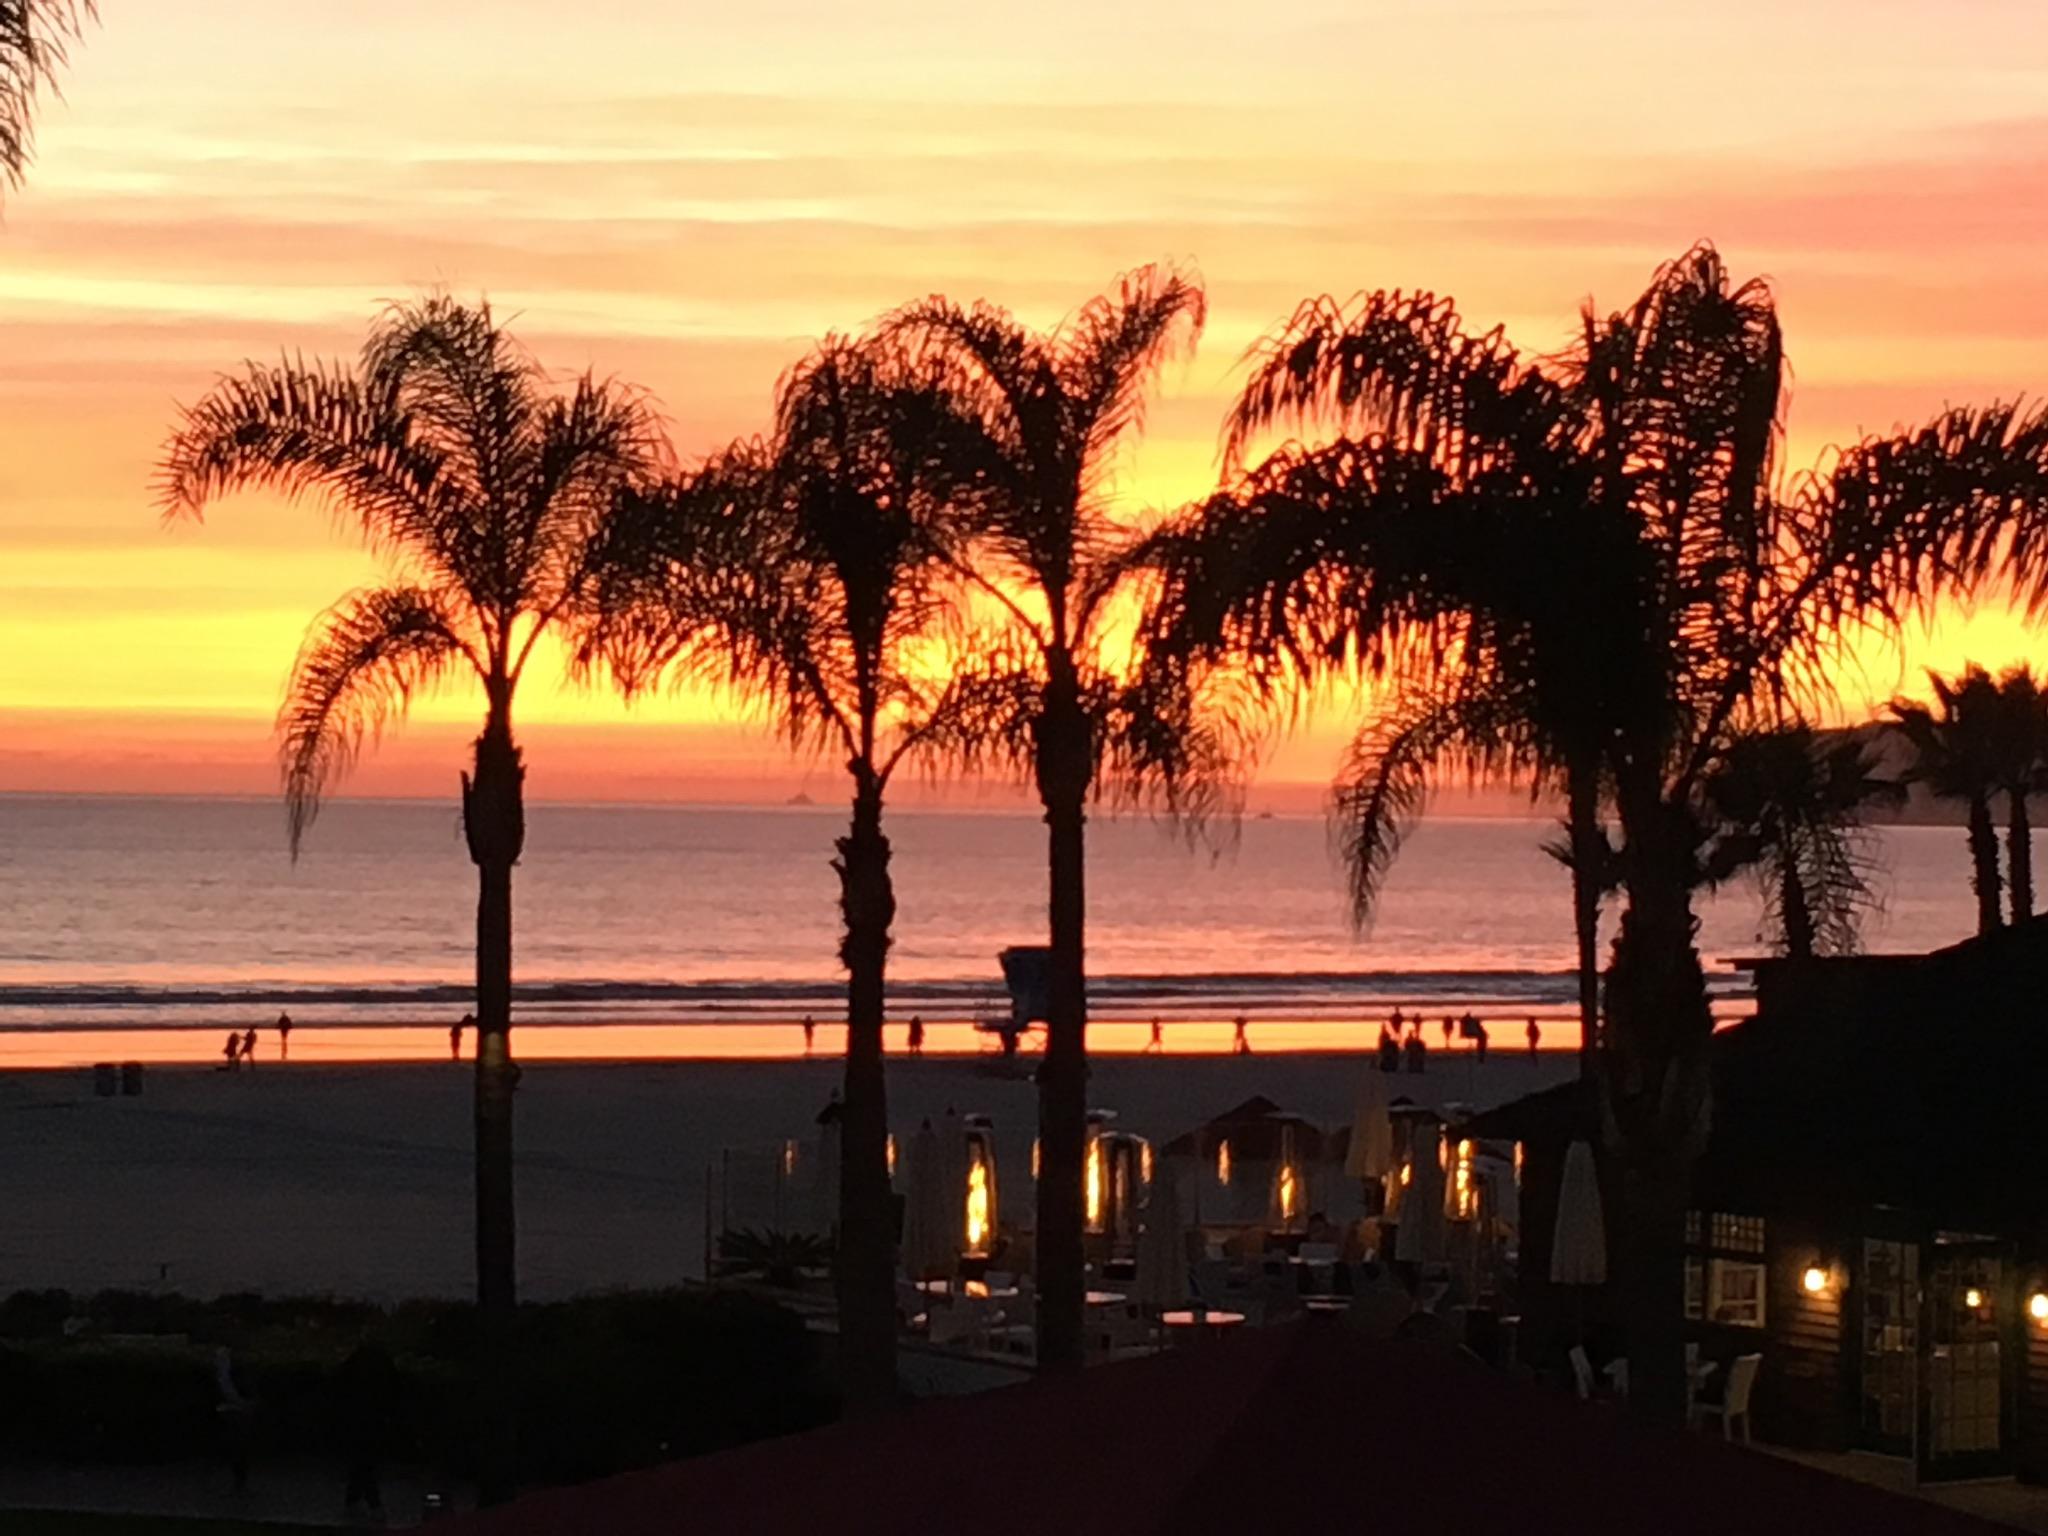 Sunset from the balcony at Hotel Del Coronado.